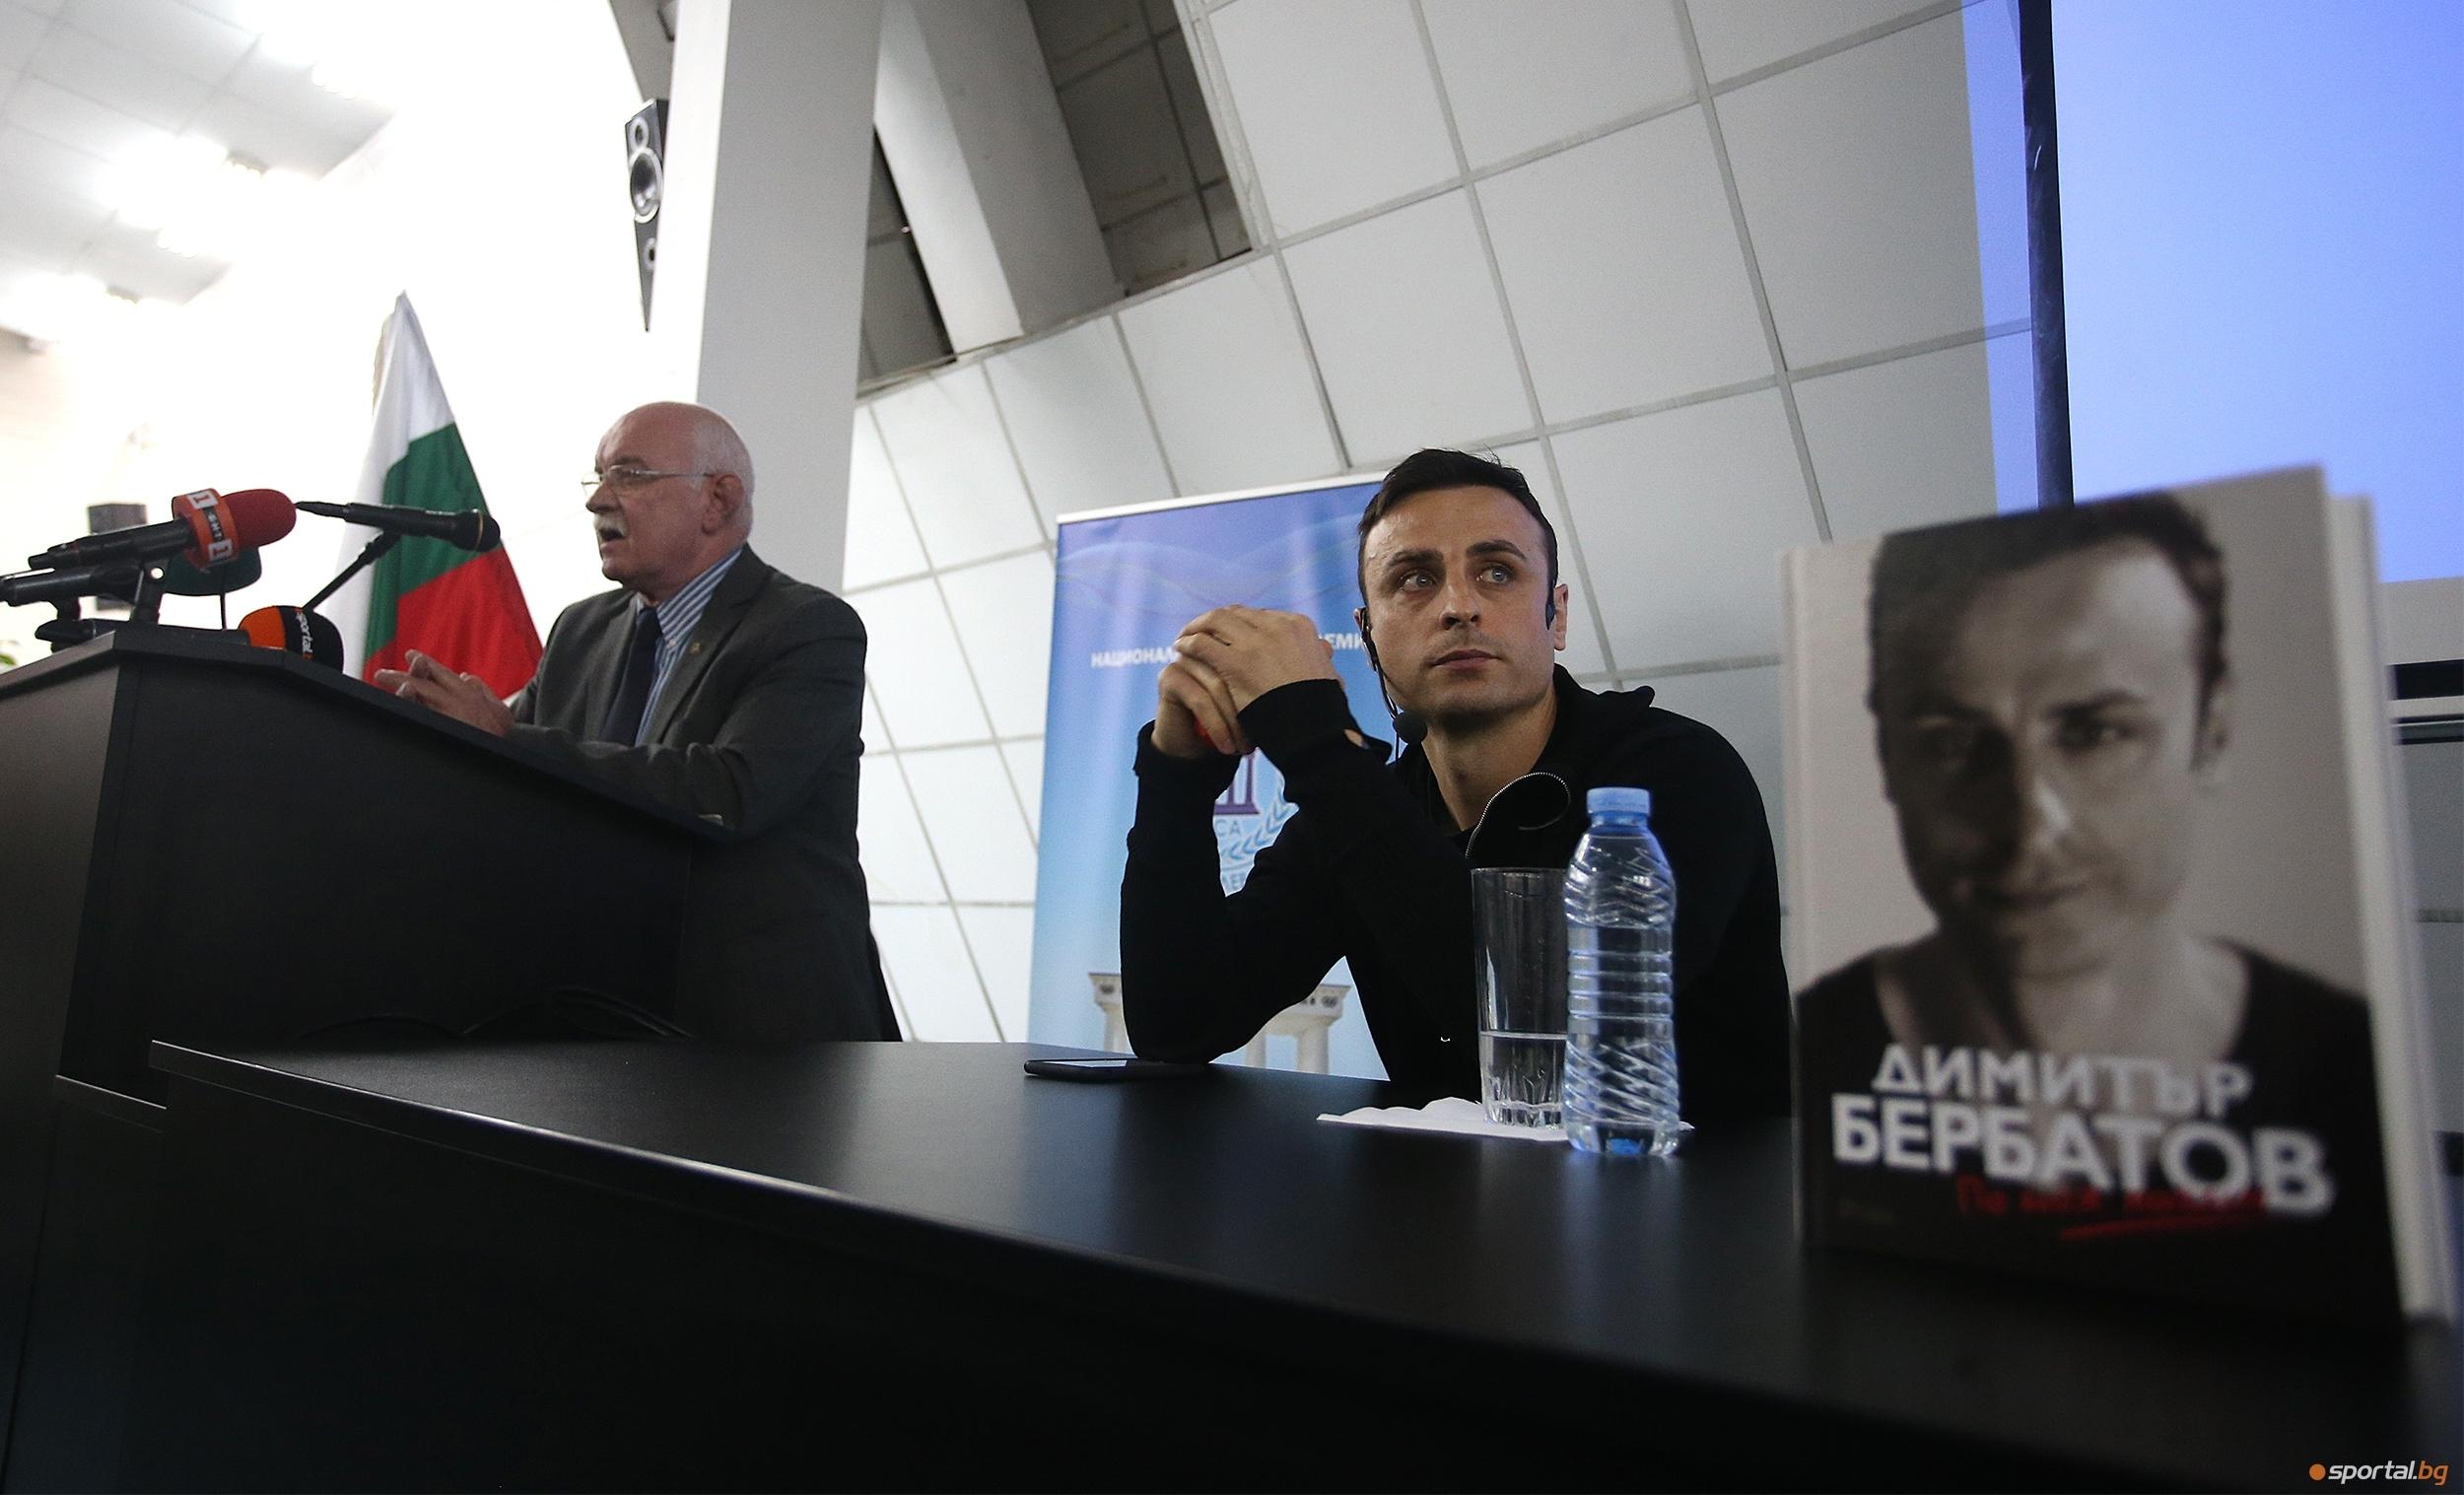 Димитър Бербатов заяви, че Англия е фаворит за спечелване на